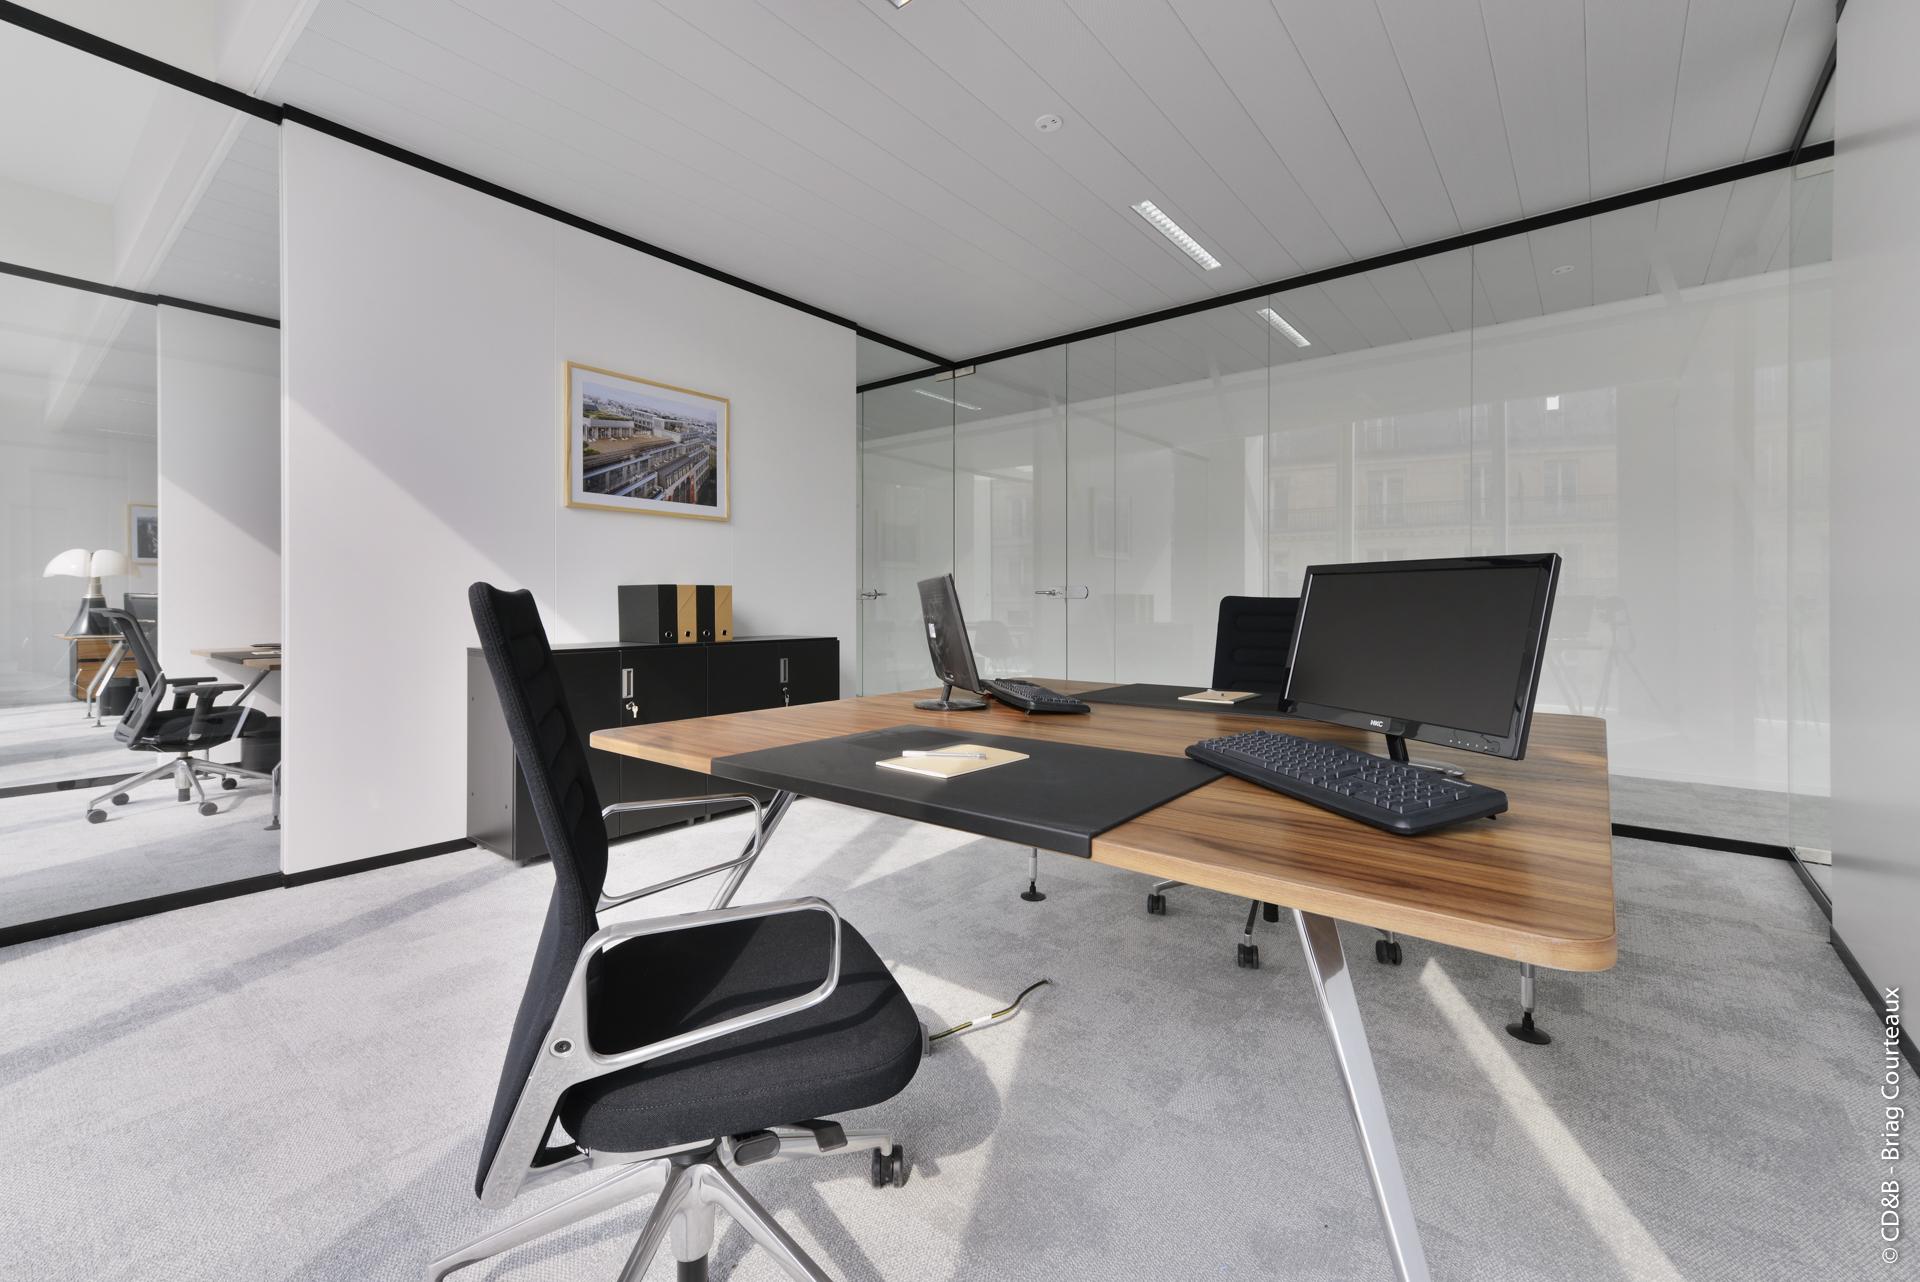 Conseil, aménagement, conception et réalisation des espaces de la société SFL Cloud par CDB, Meet you there.